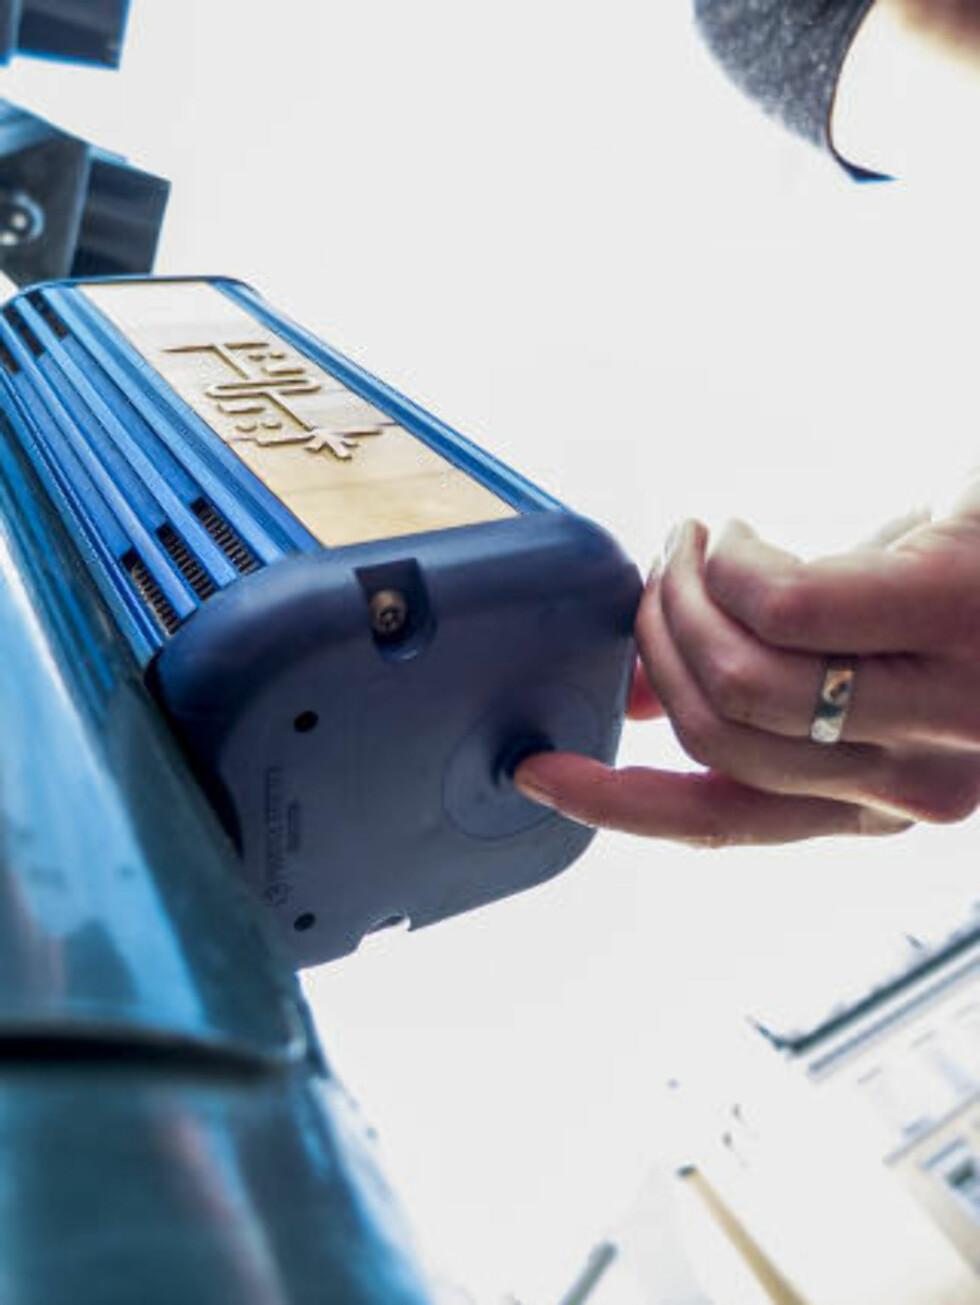 SE SELV: Her er den. Den hemmelige knappen som gir deg utvidet grønn mann er ikke en urban legende, men hjelp for gamle og svaksynte. Foto: PER ERVLAND / DINSIDE